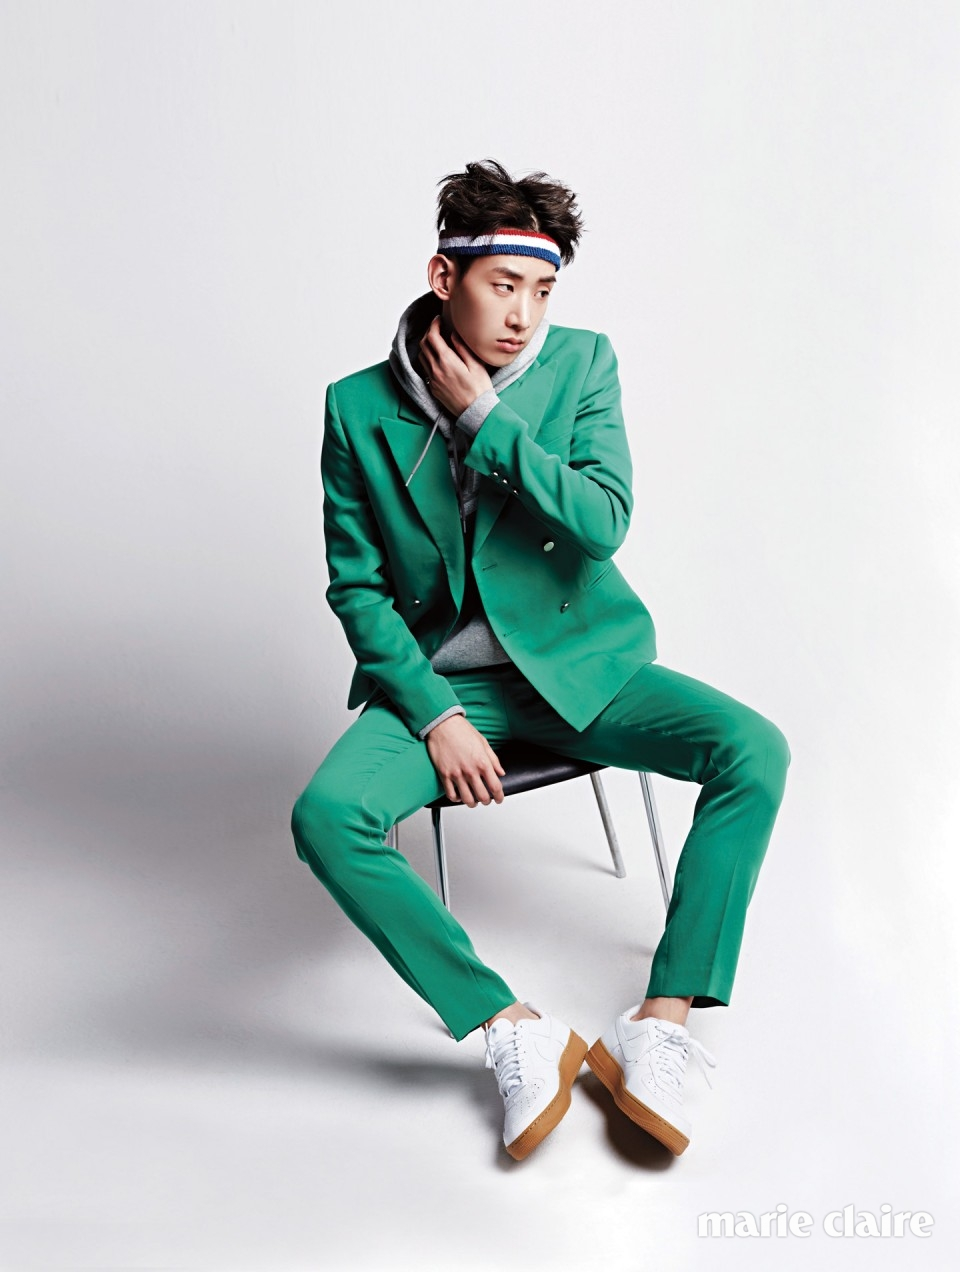 그린 수트 가격 미정 푸쉬버튼(pushBUTTON), 회색 후드 티셔츠 가격 미정, 스니커즈 12만9천원 모두 나이키(Nike), 헤드밴드 7천원 아메리칸 어패럴(American Apparel).